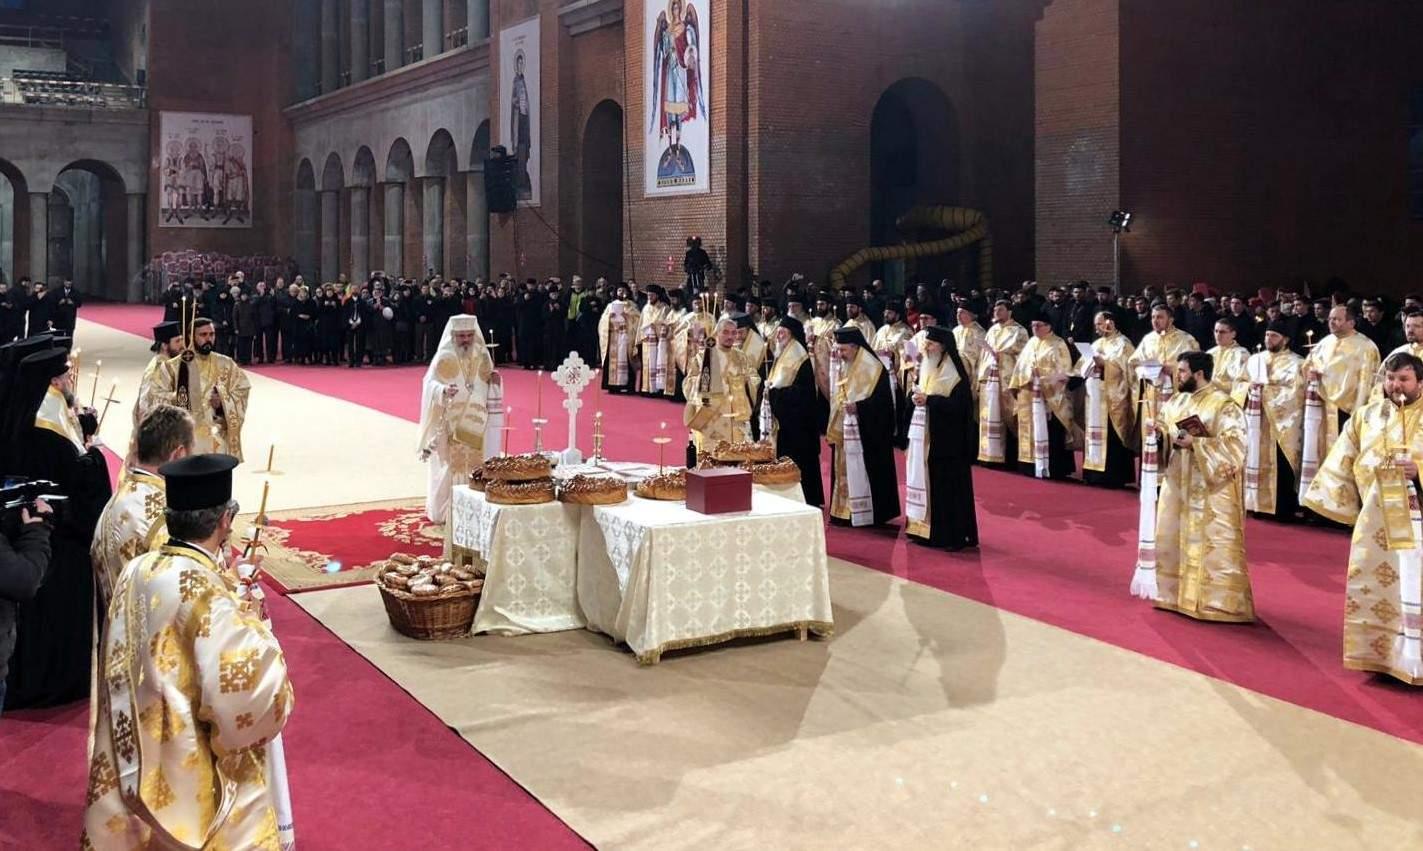 Gafă la sfinţirea Catedralei! Patriarhul a uitat să-l invite şi pe Dumnezeu